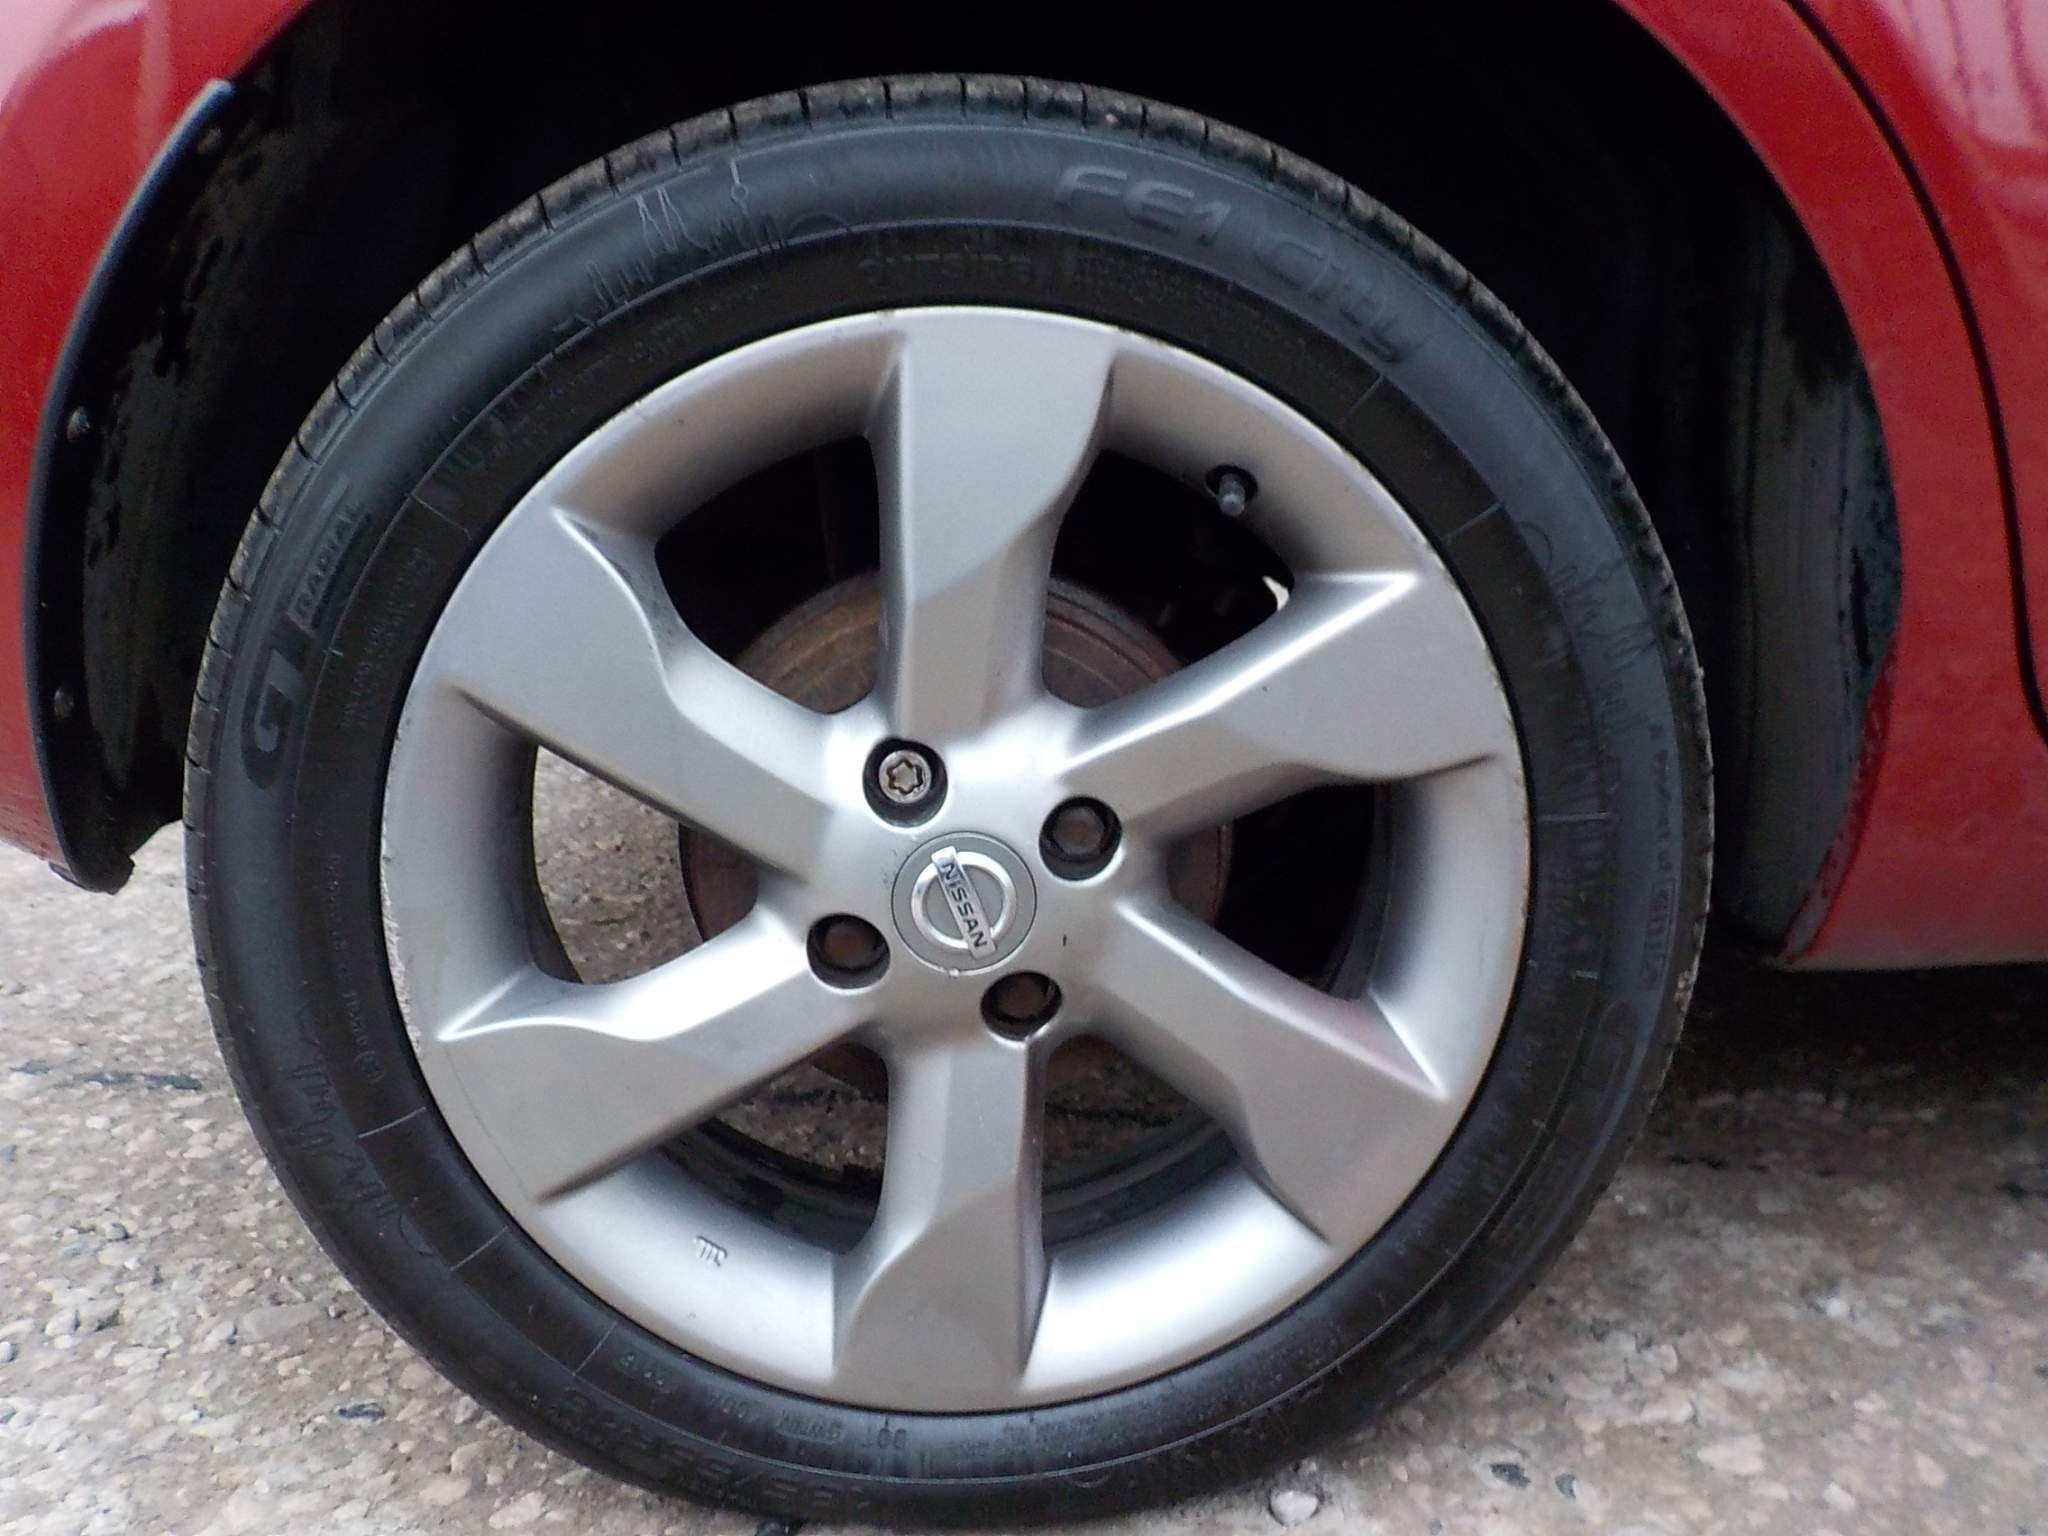 Nissan Note 1.6 16v n-tec 5dr